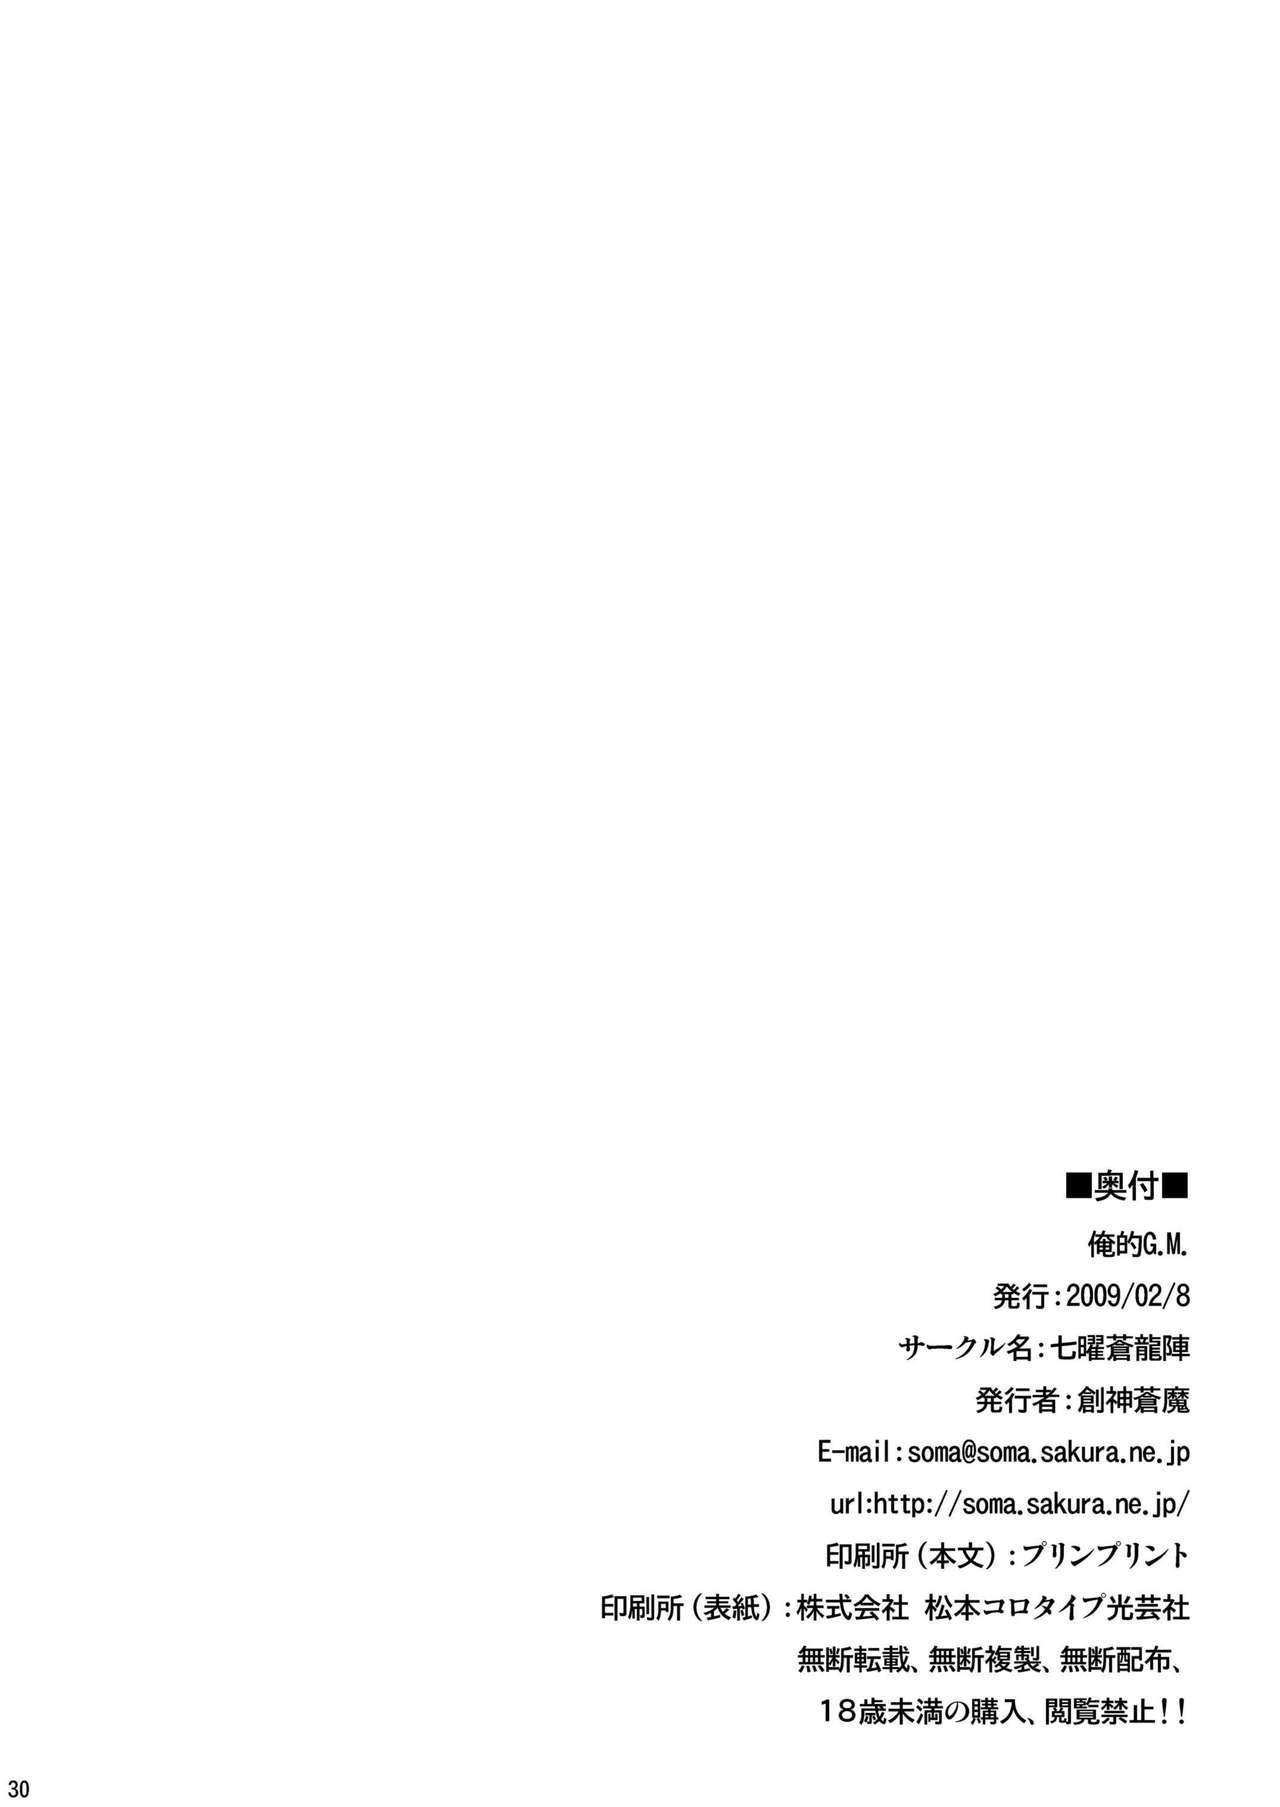 Oreteki G.M. 29